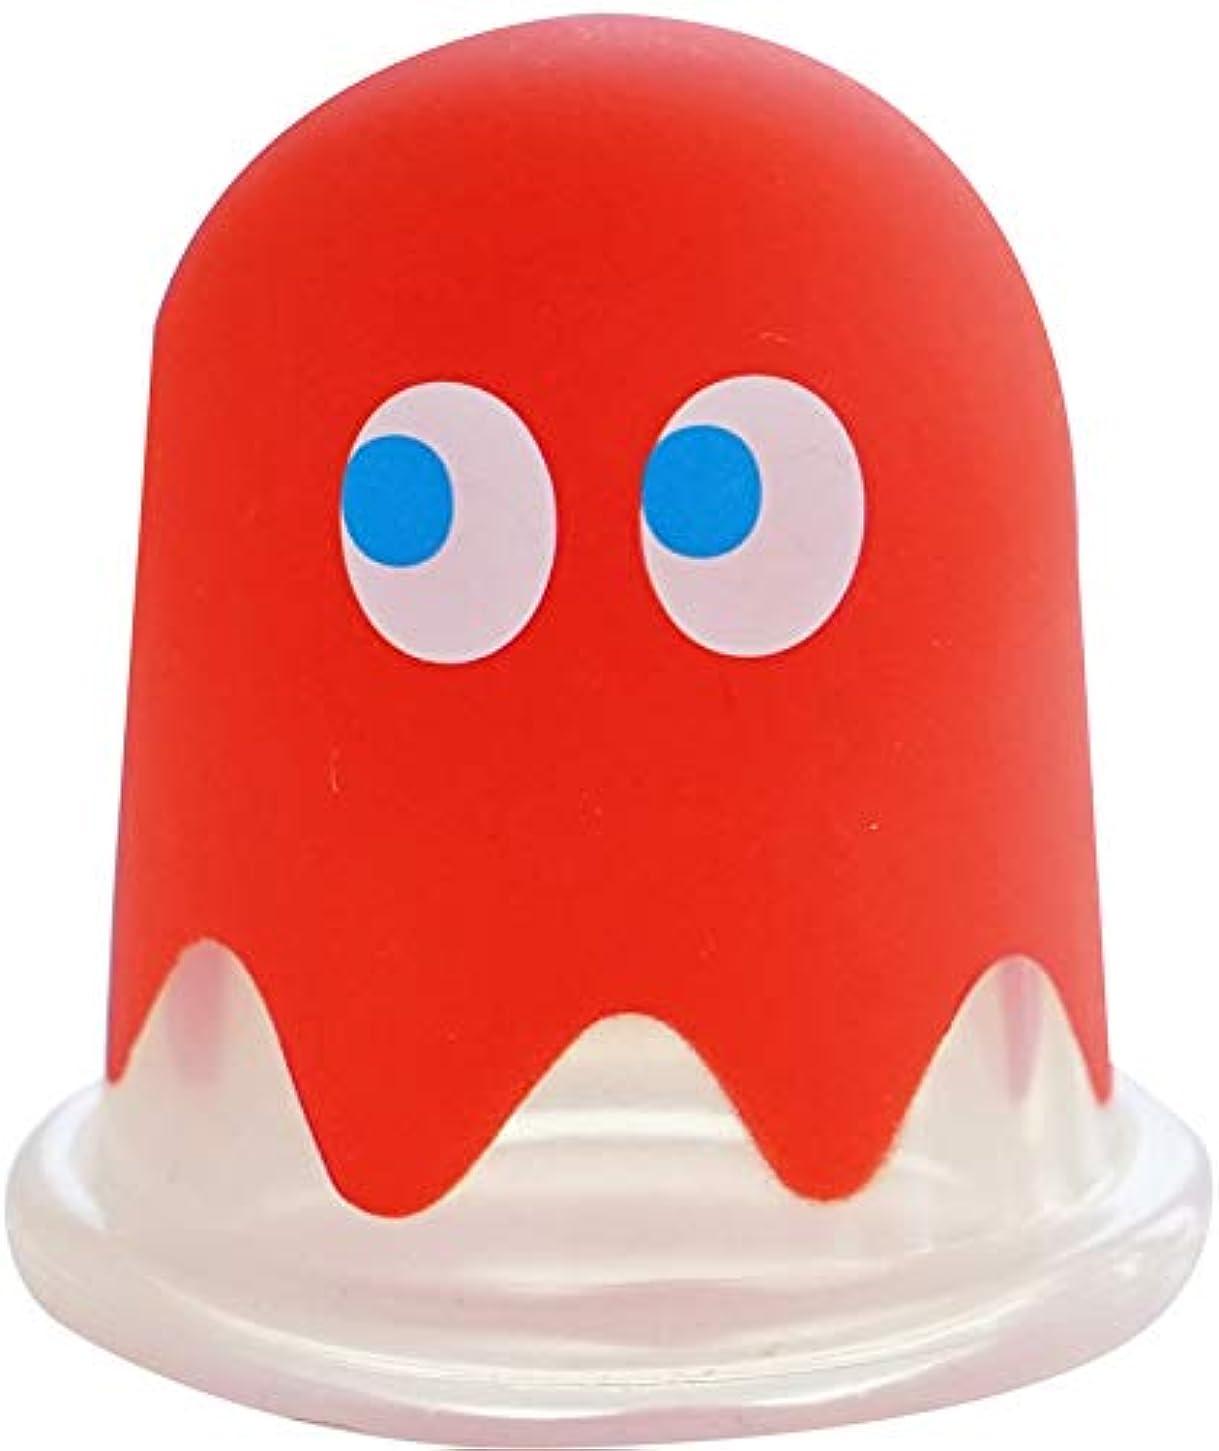 裸クランシータヒチセルカップ RED-レッド